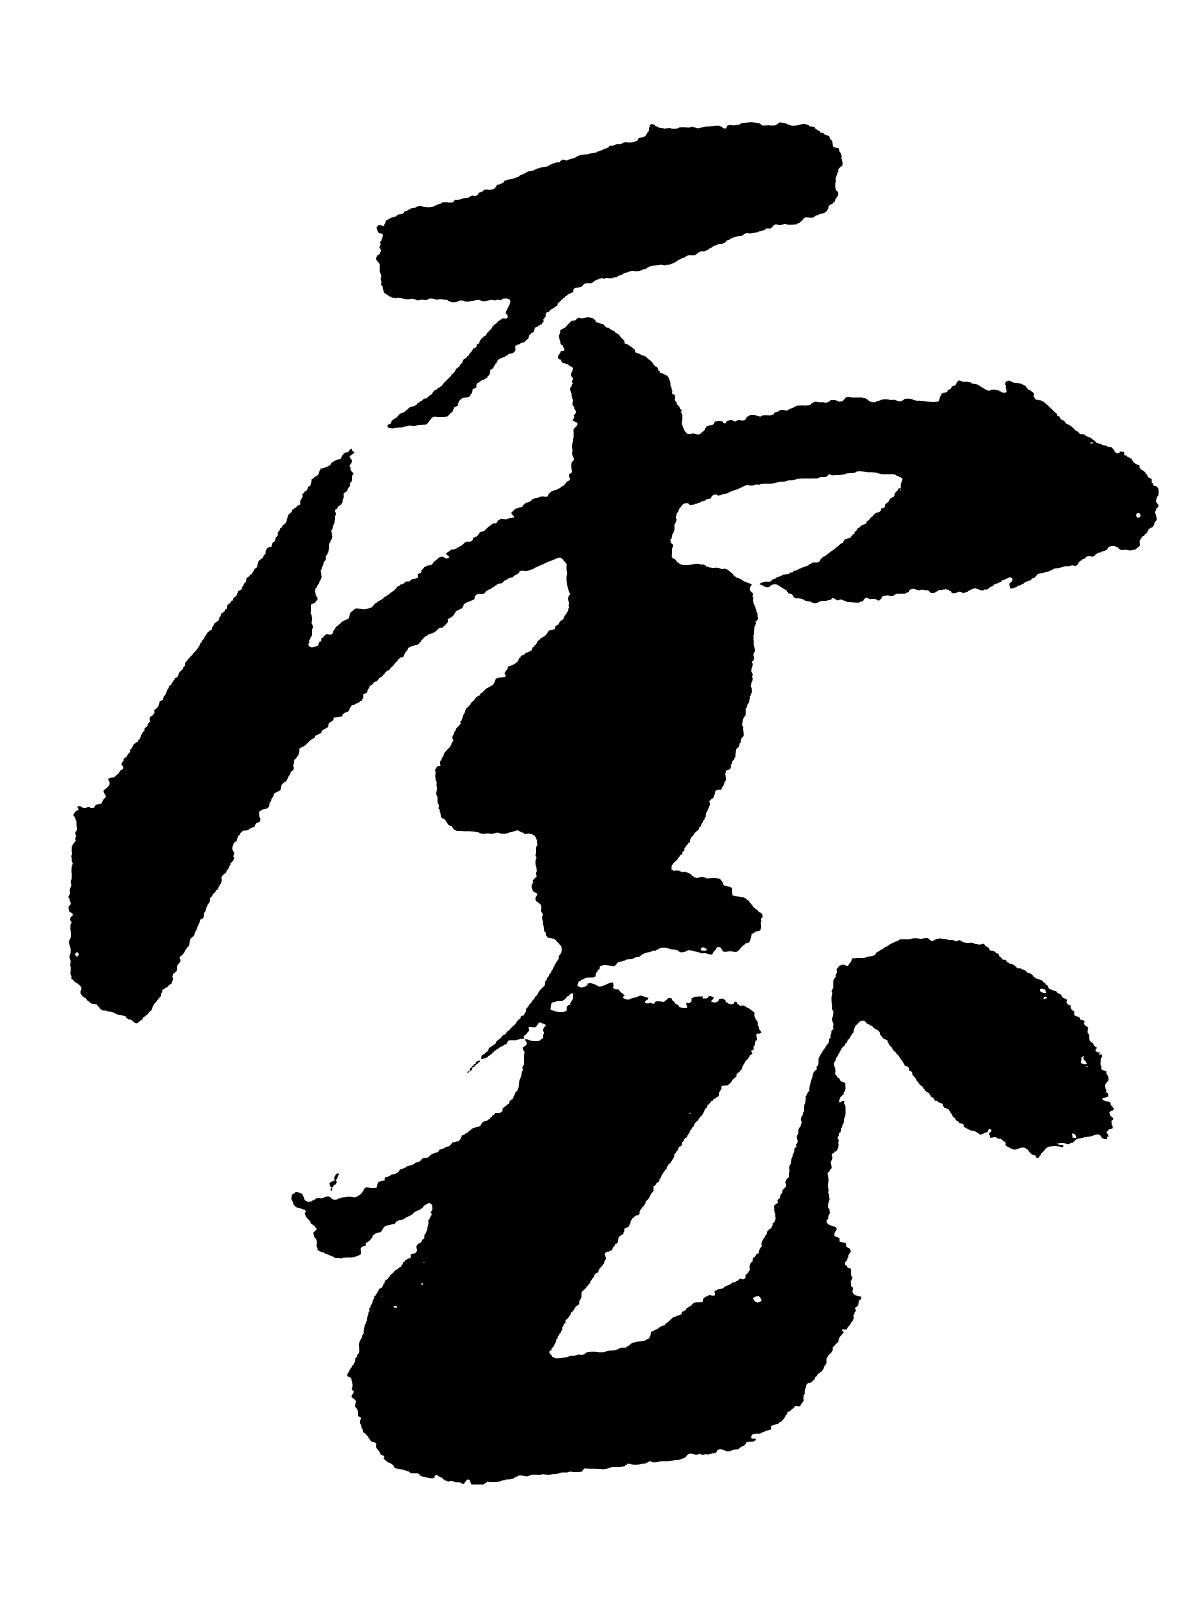 各国で違う漢字の変化と進化。日本から中国に輸出された漢字とは